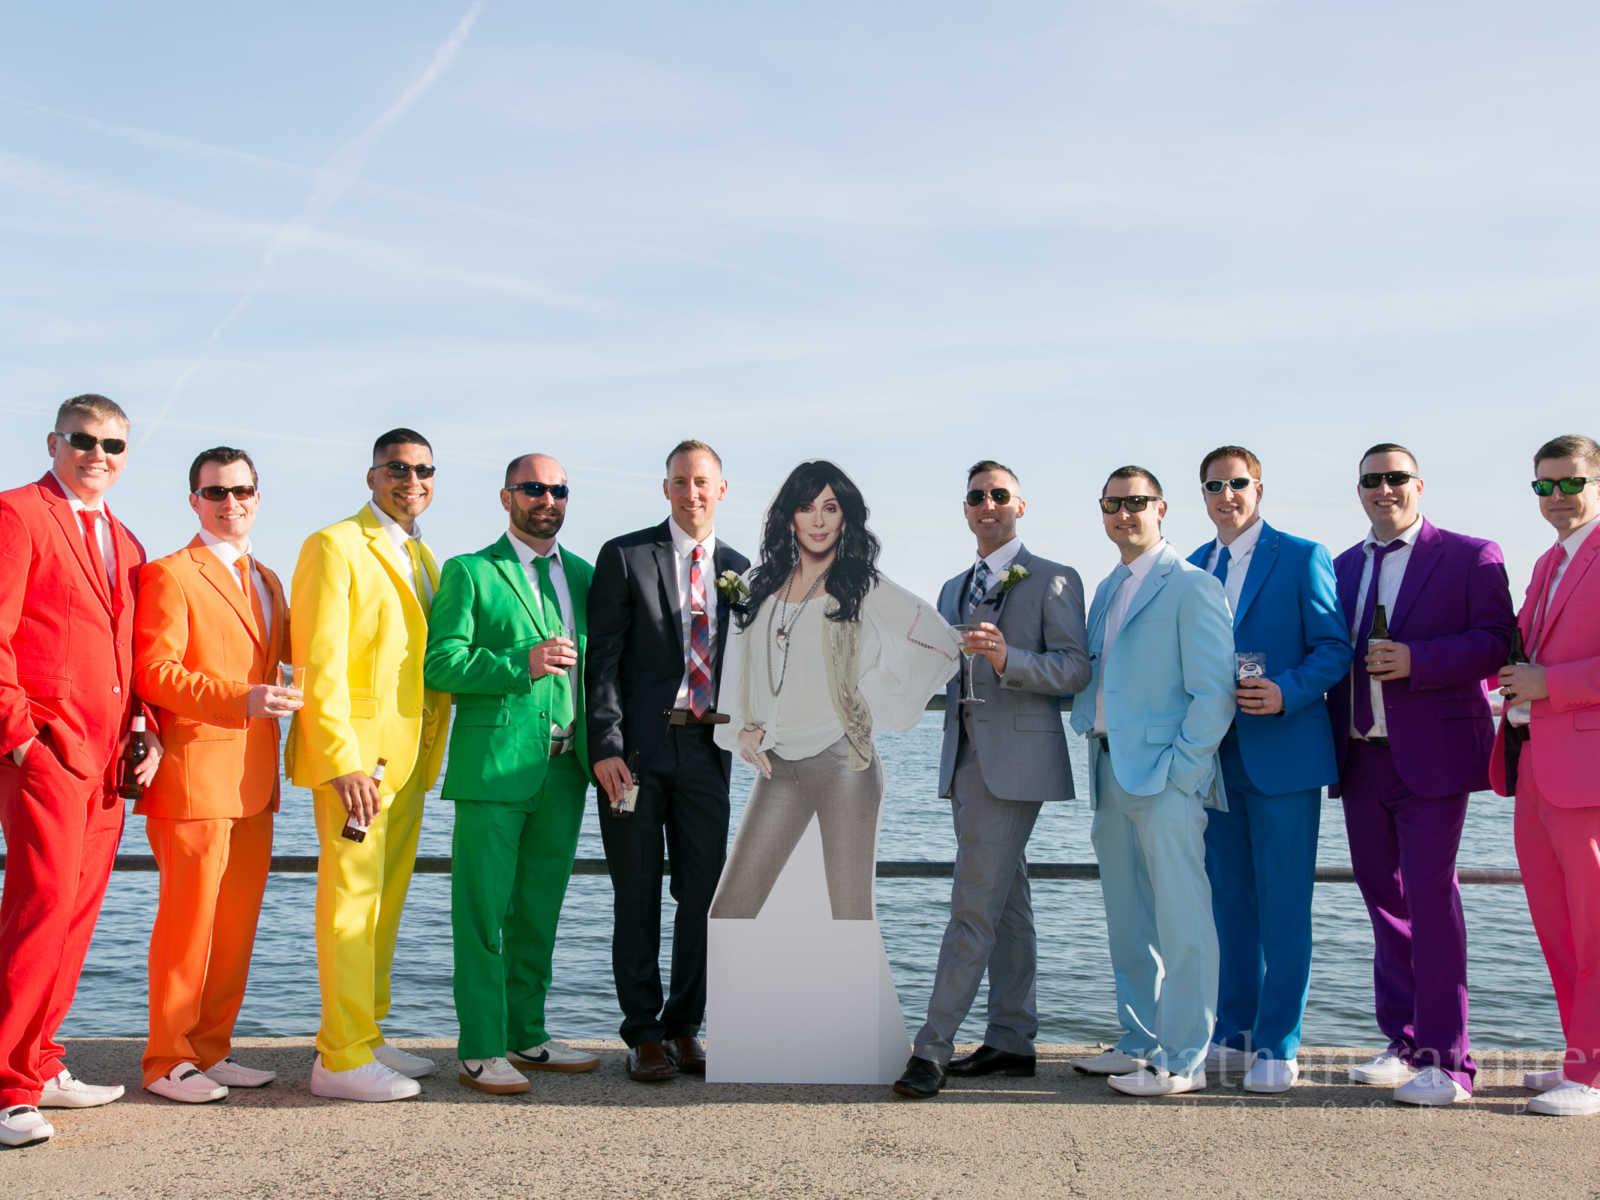 Usando ternos com cores do arco-íris padrinhos fazem surpresa no casamento de amigo 3